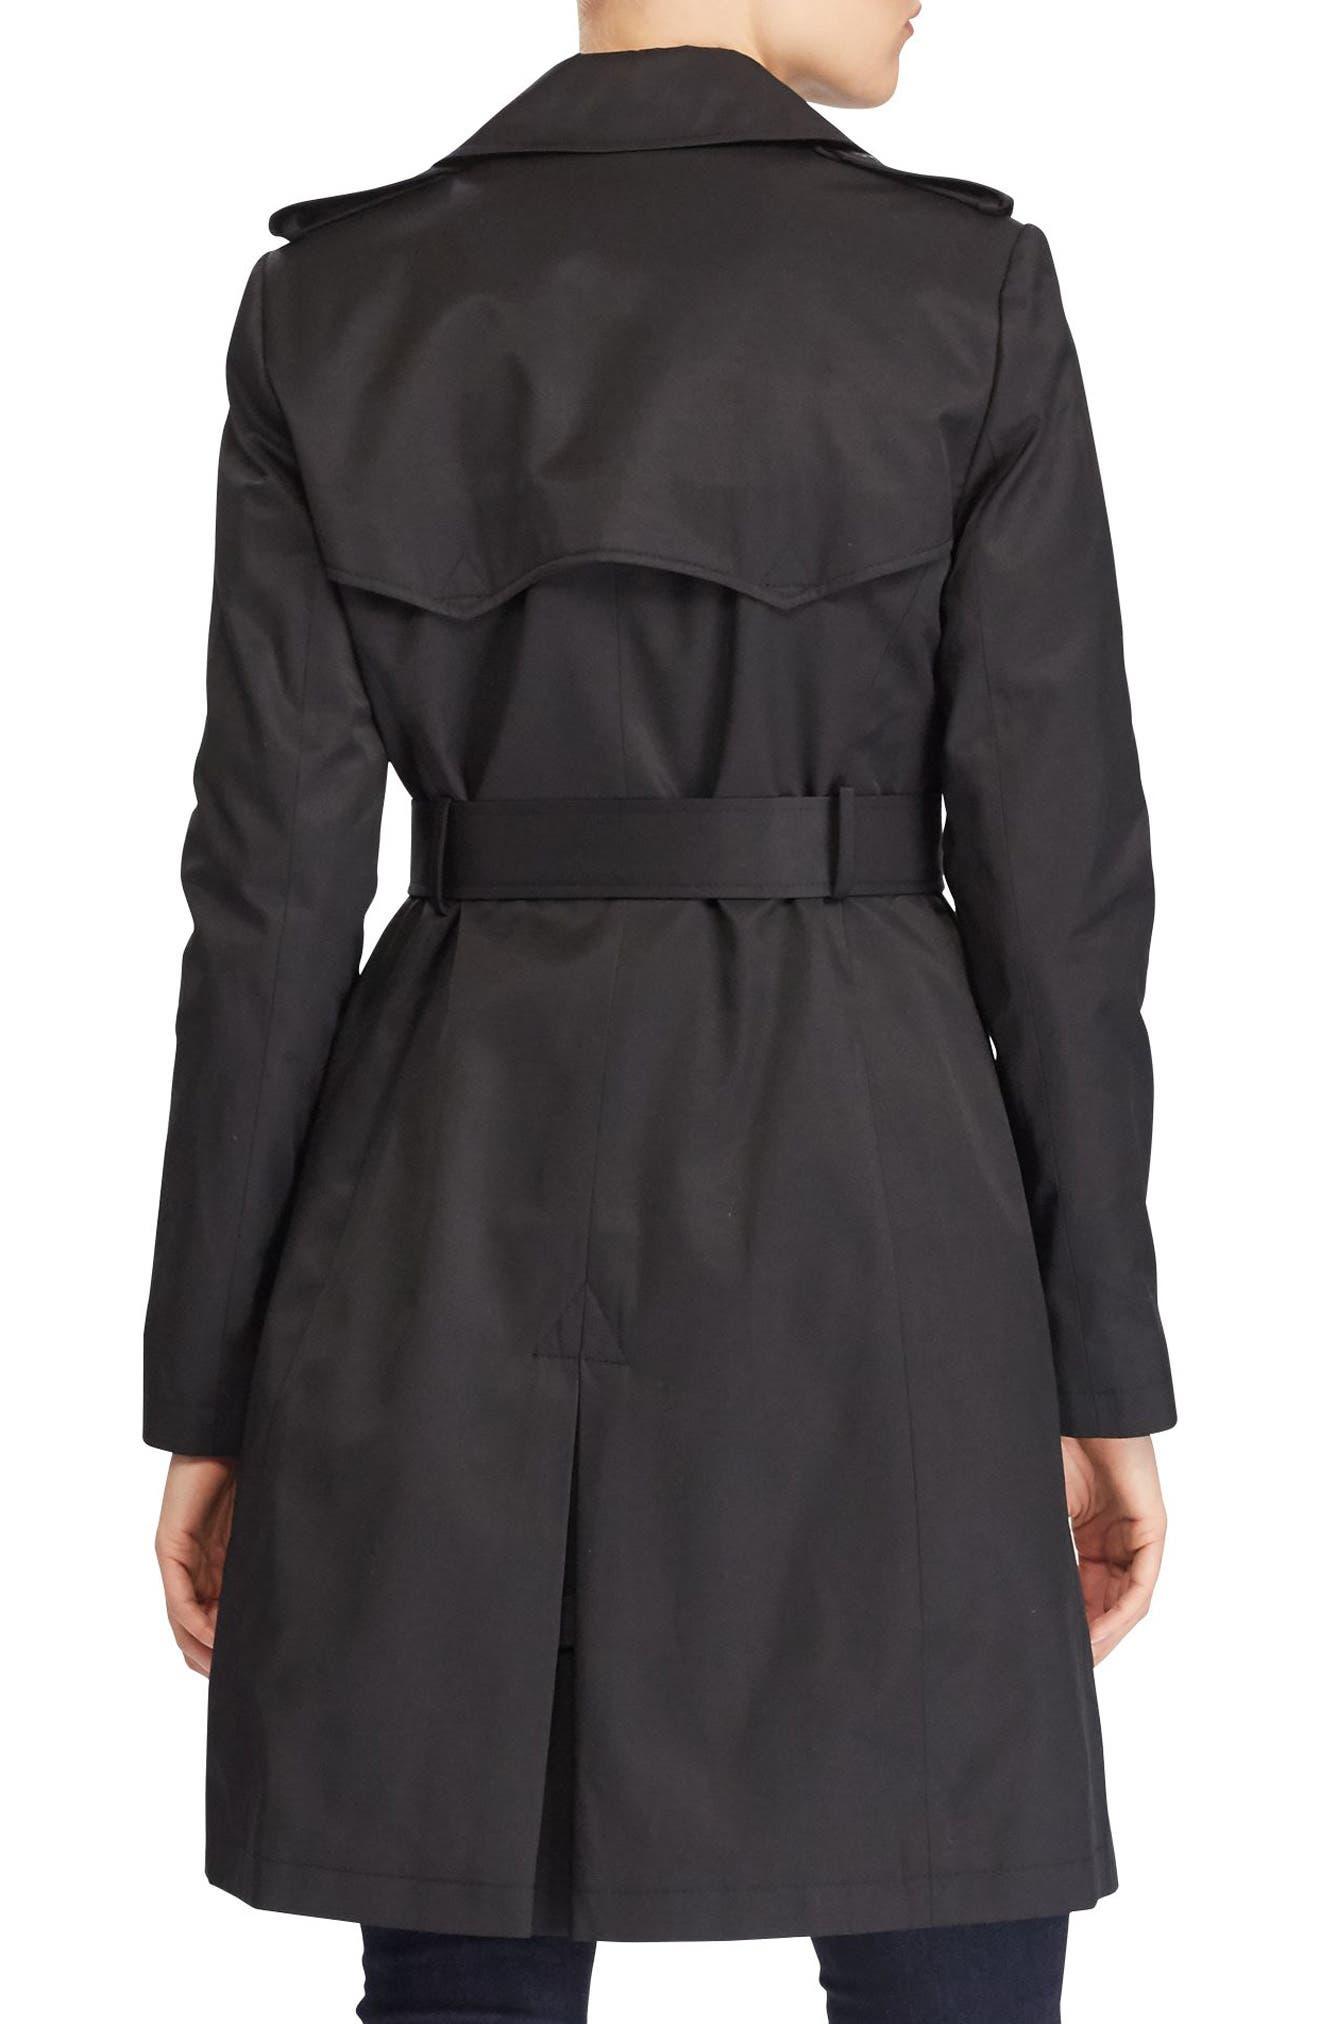 Alternate Image 3  - Lauren Ralph Lauren Double Breasted Trench Coat